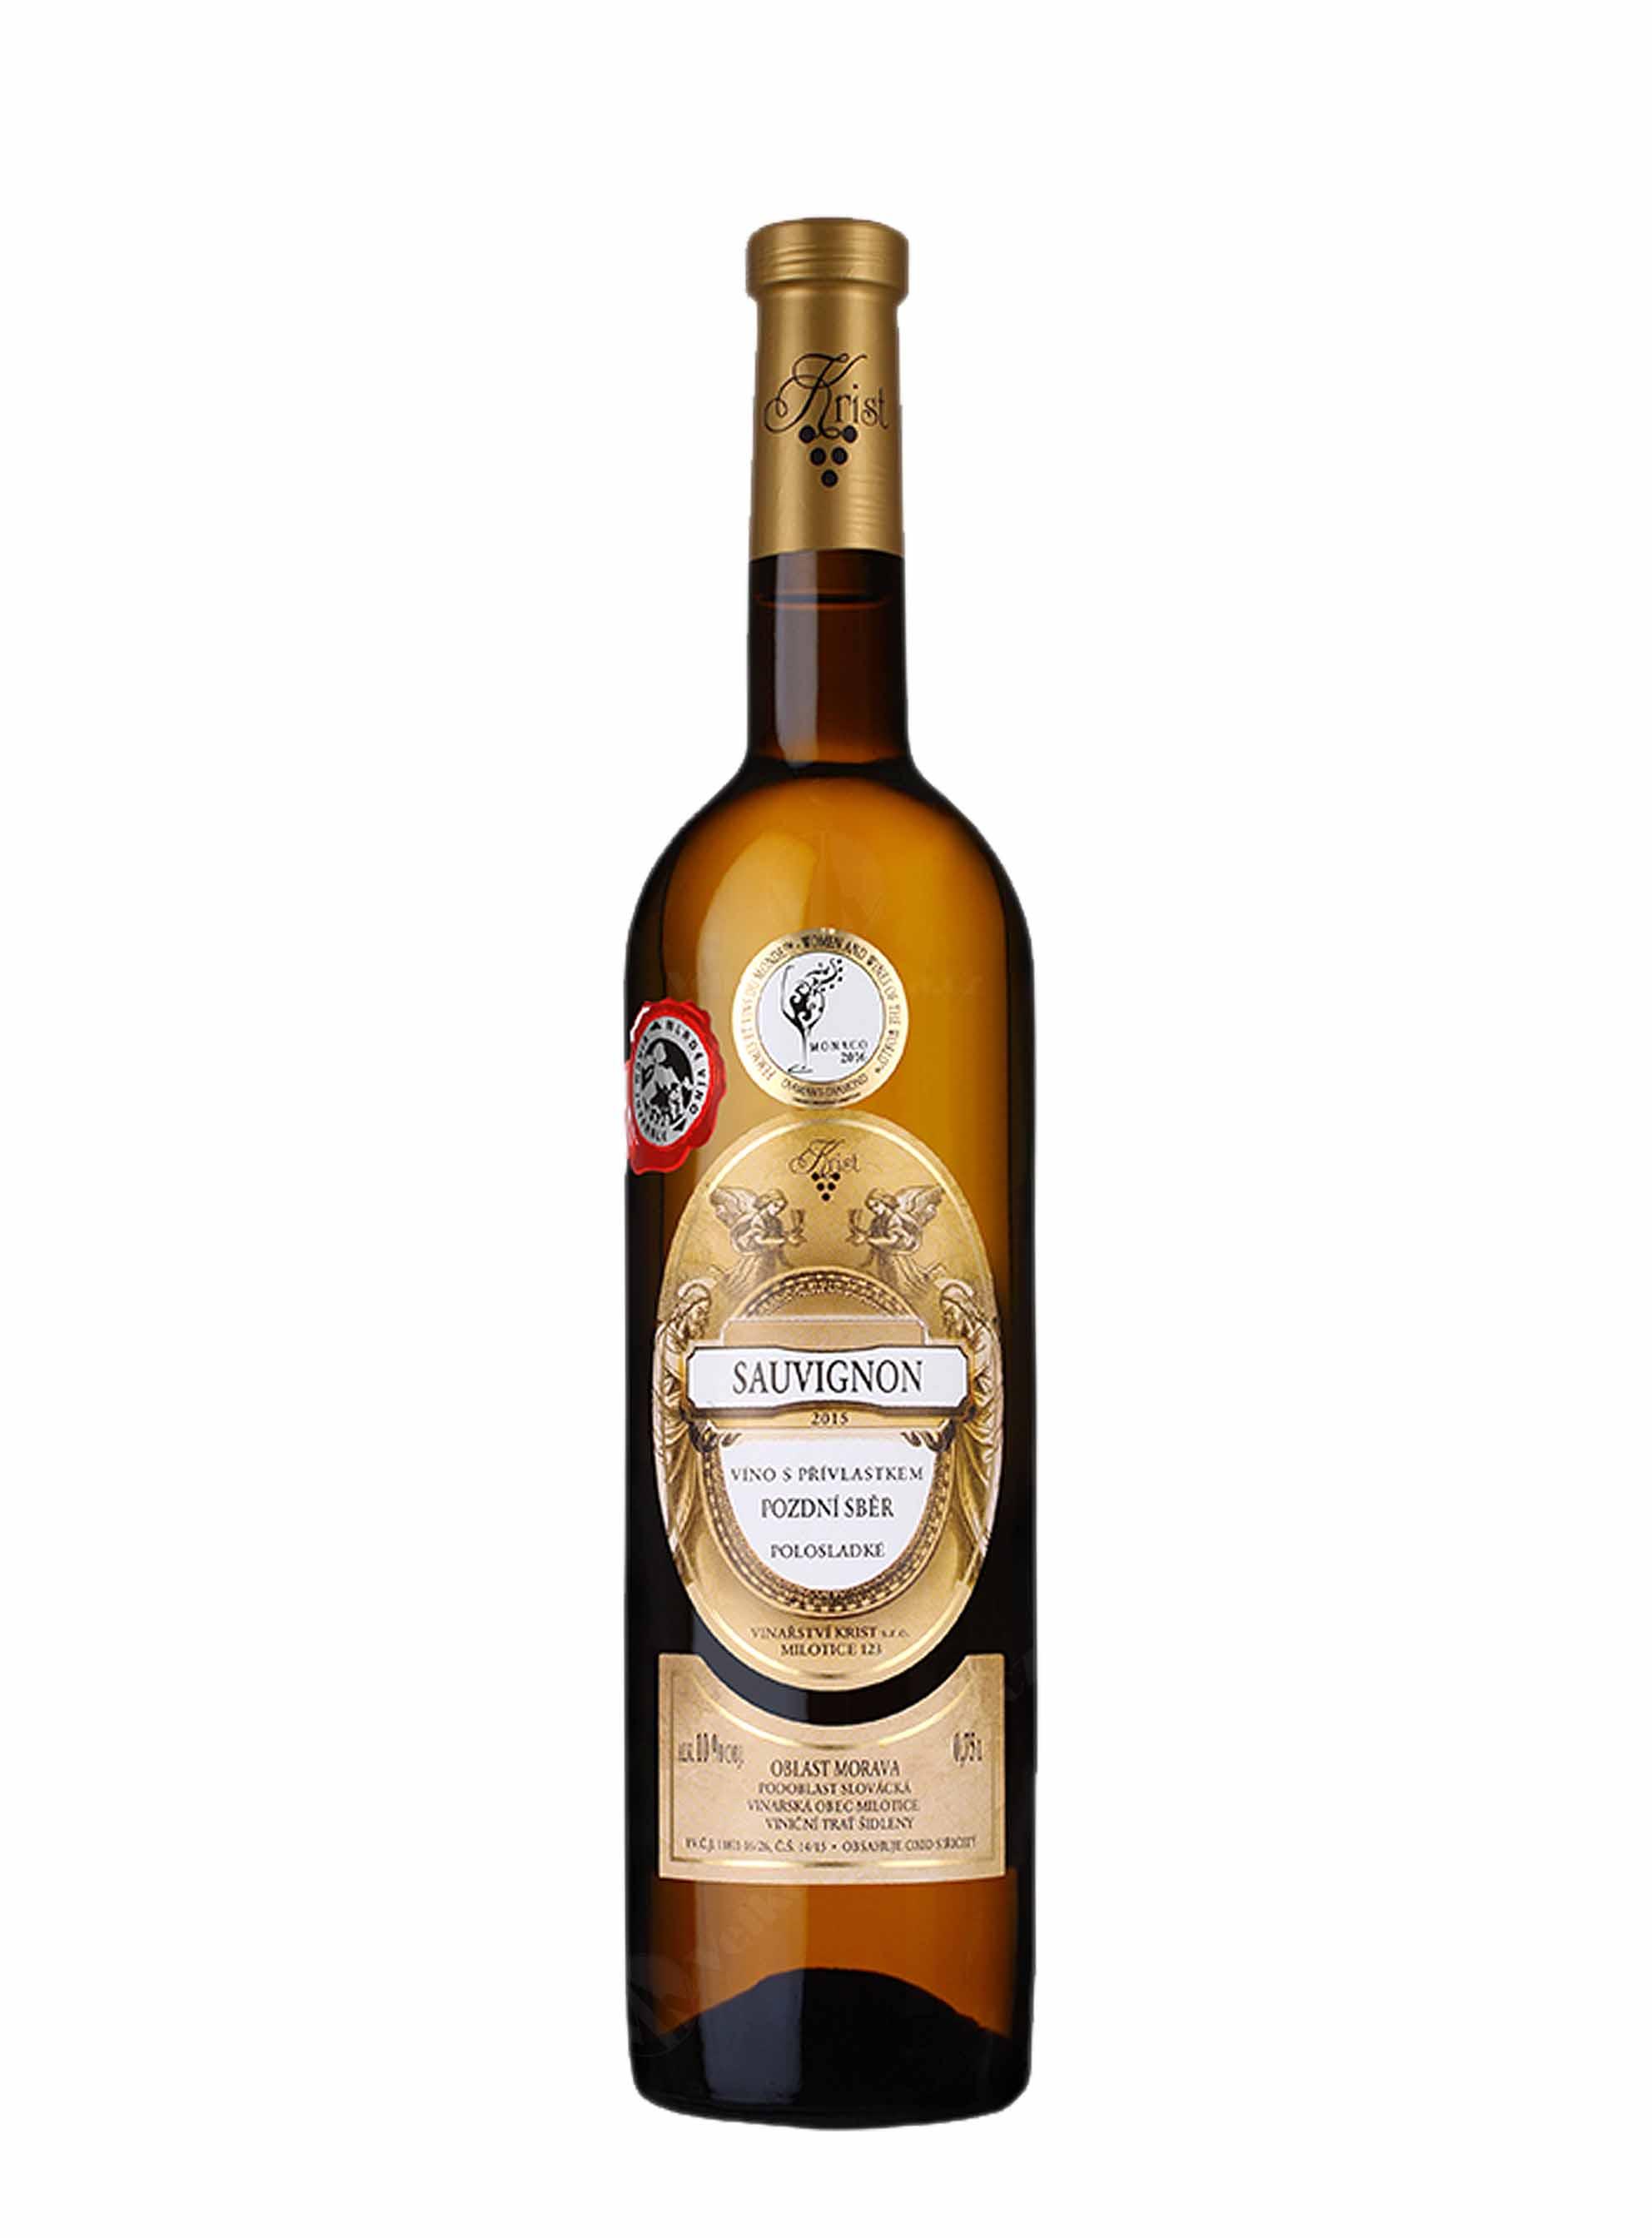 Sauvignon, Pozdní sběr, 2015, Vinařství Krist Milotice, 0.75 l